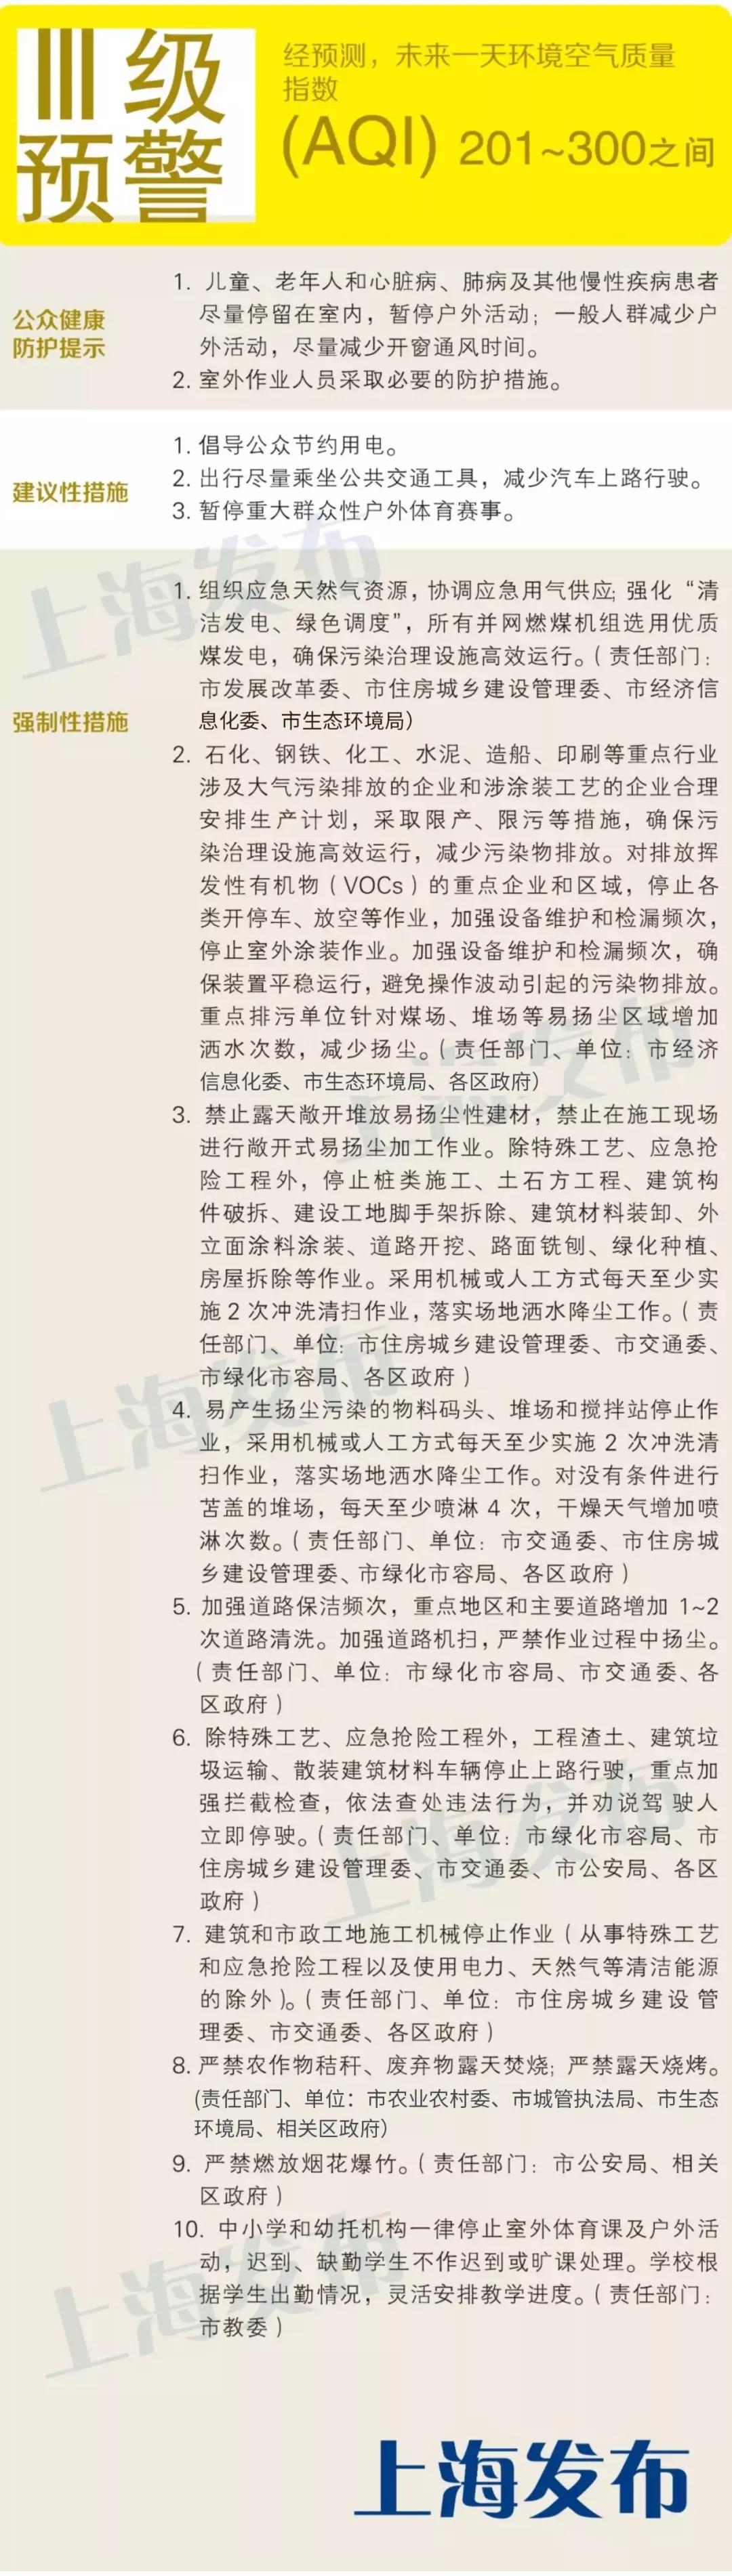 近日上海启动空气重污染黄色预警,采取一系列响应措施